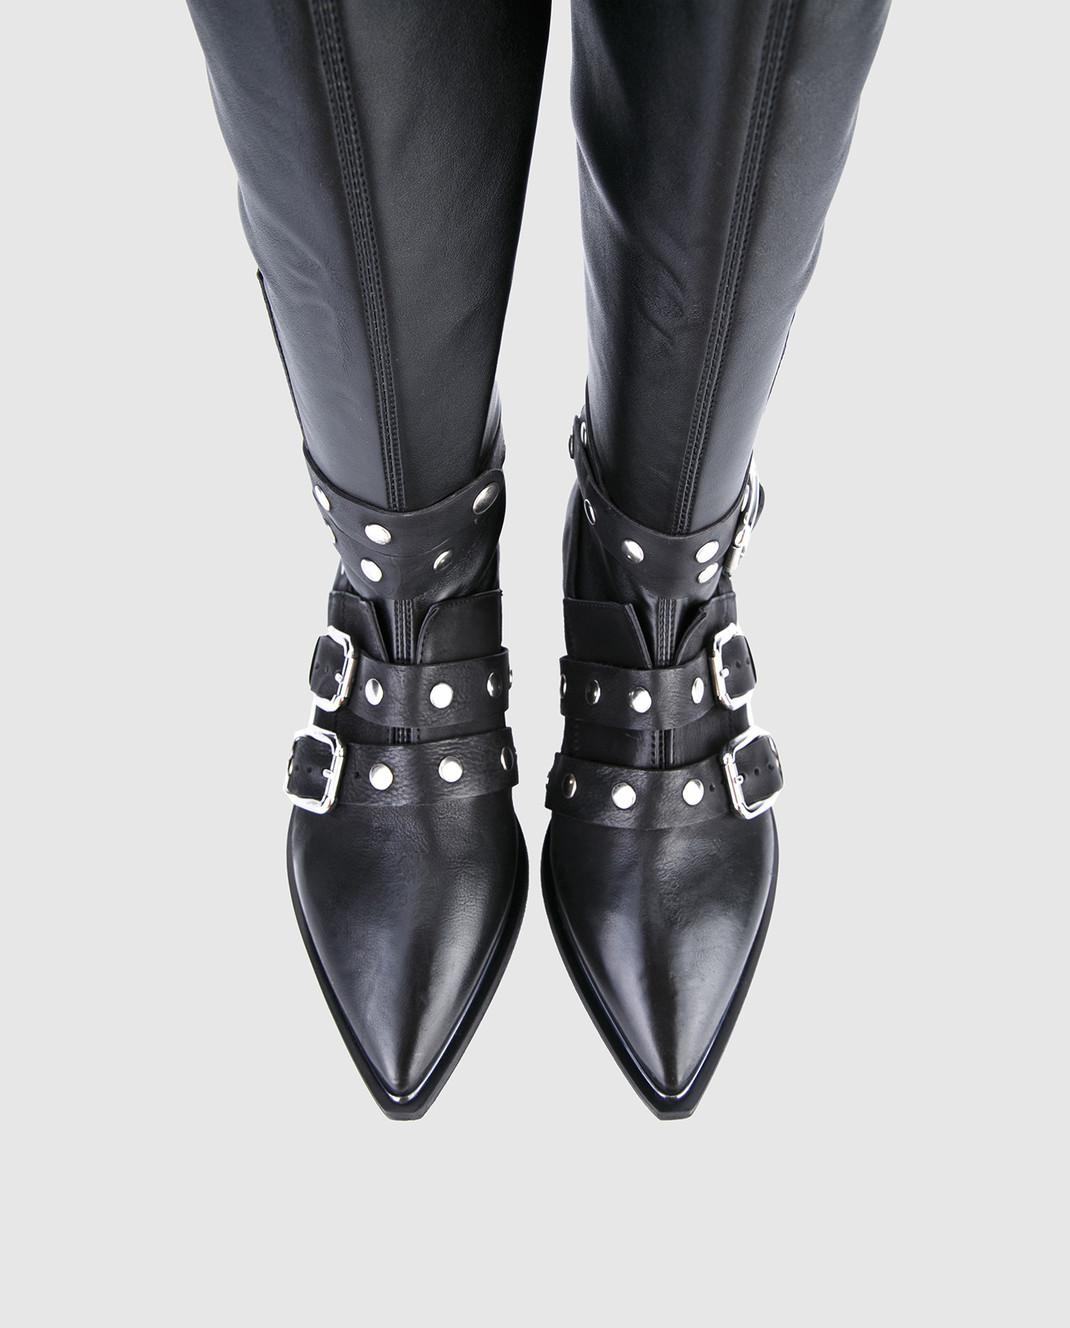 Fru it Черные кожаные сапоги 4865 изображение 4